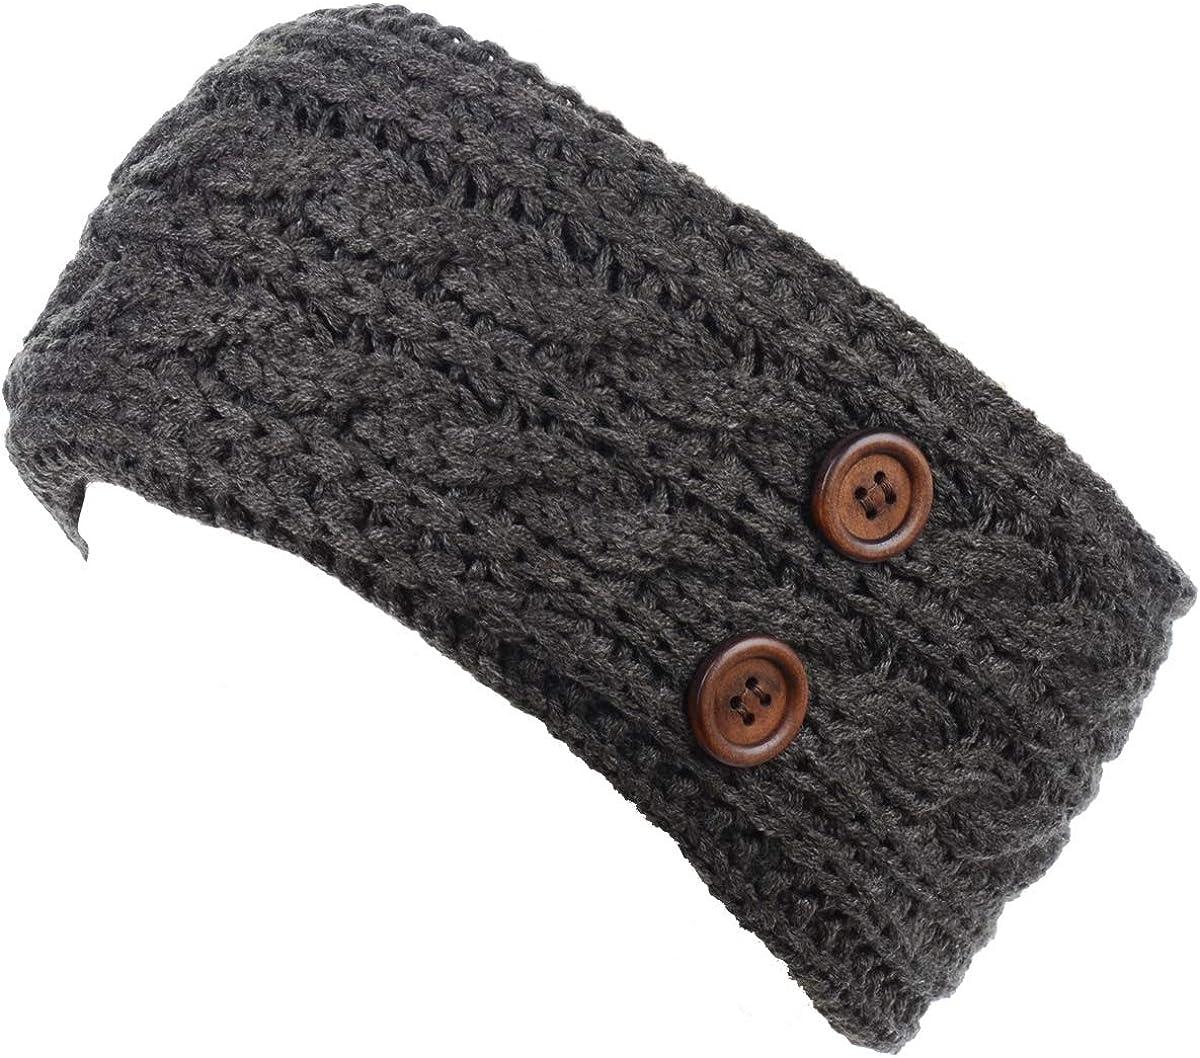 BYOS Women's Winter Cozy Cable Fleece Lined Knit Headband Earwarmer & Gloves Set